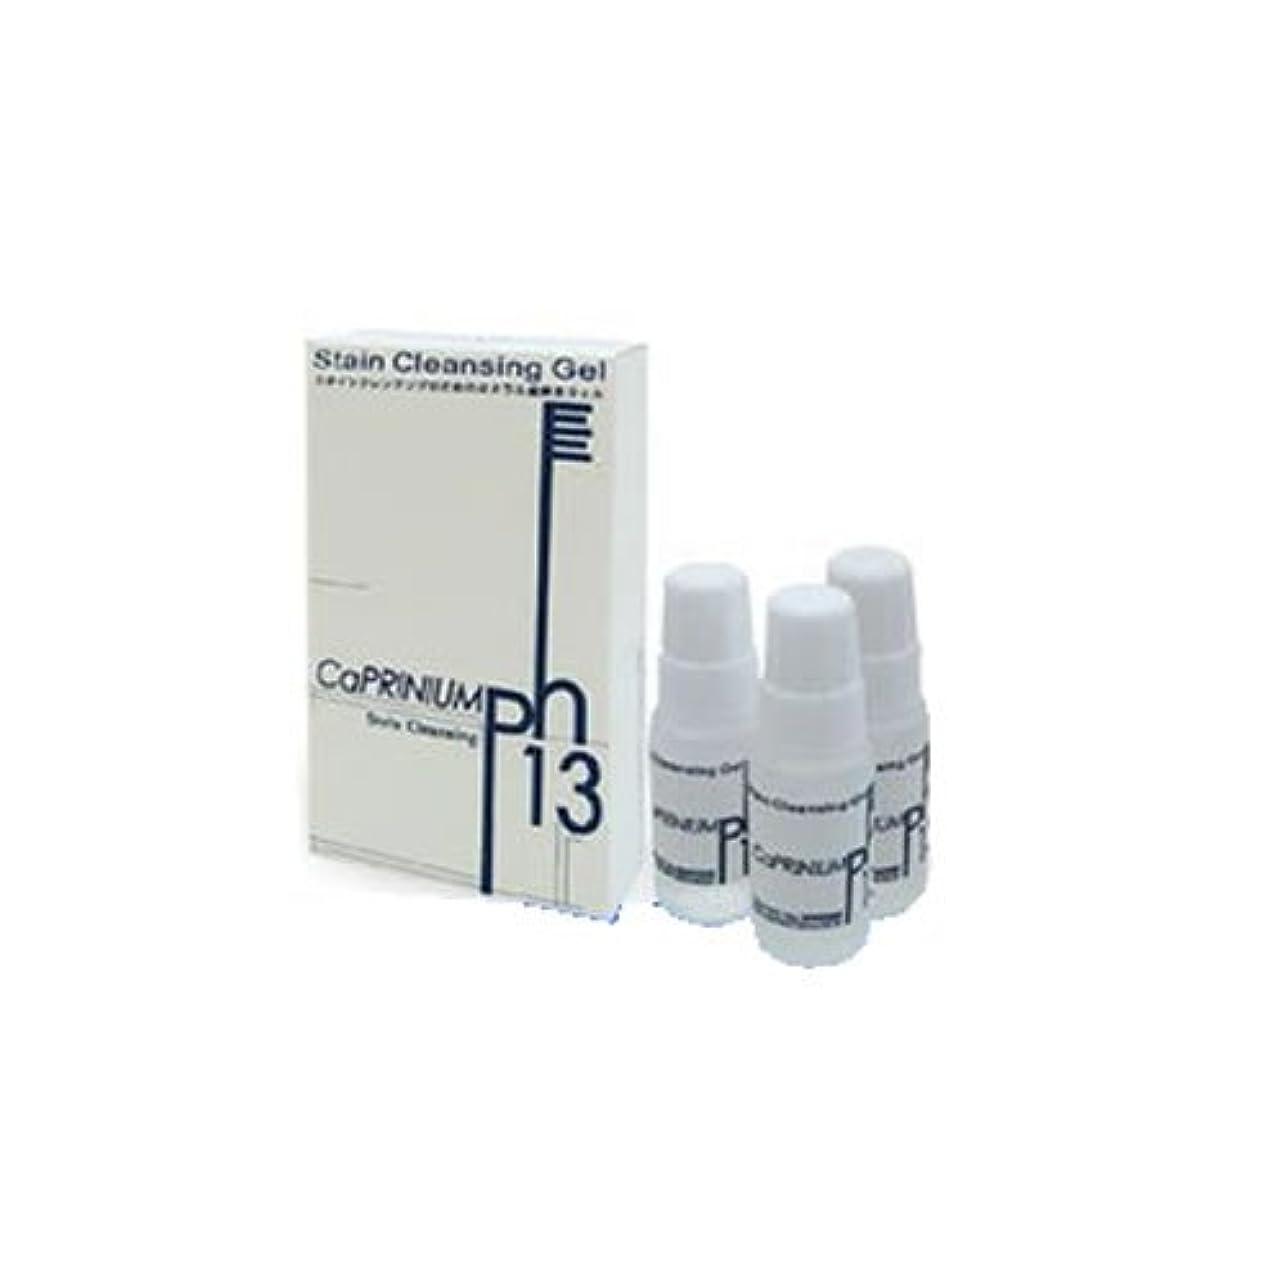 道徳教育複雑でないプロペラカプリニウムサーティーンジェル(歯磨きジェル) 10g×3本セット